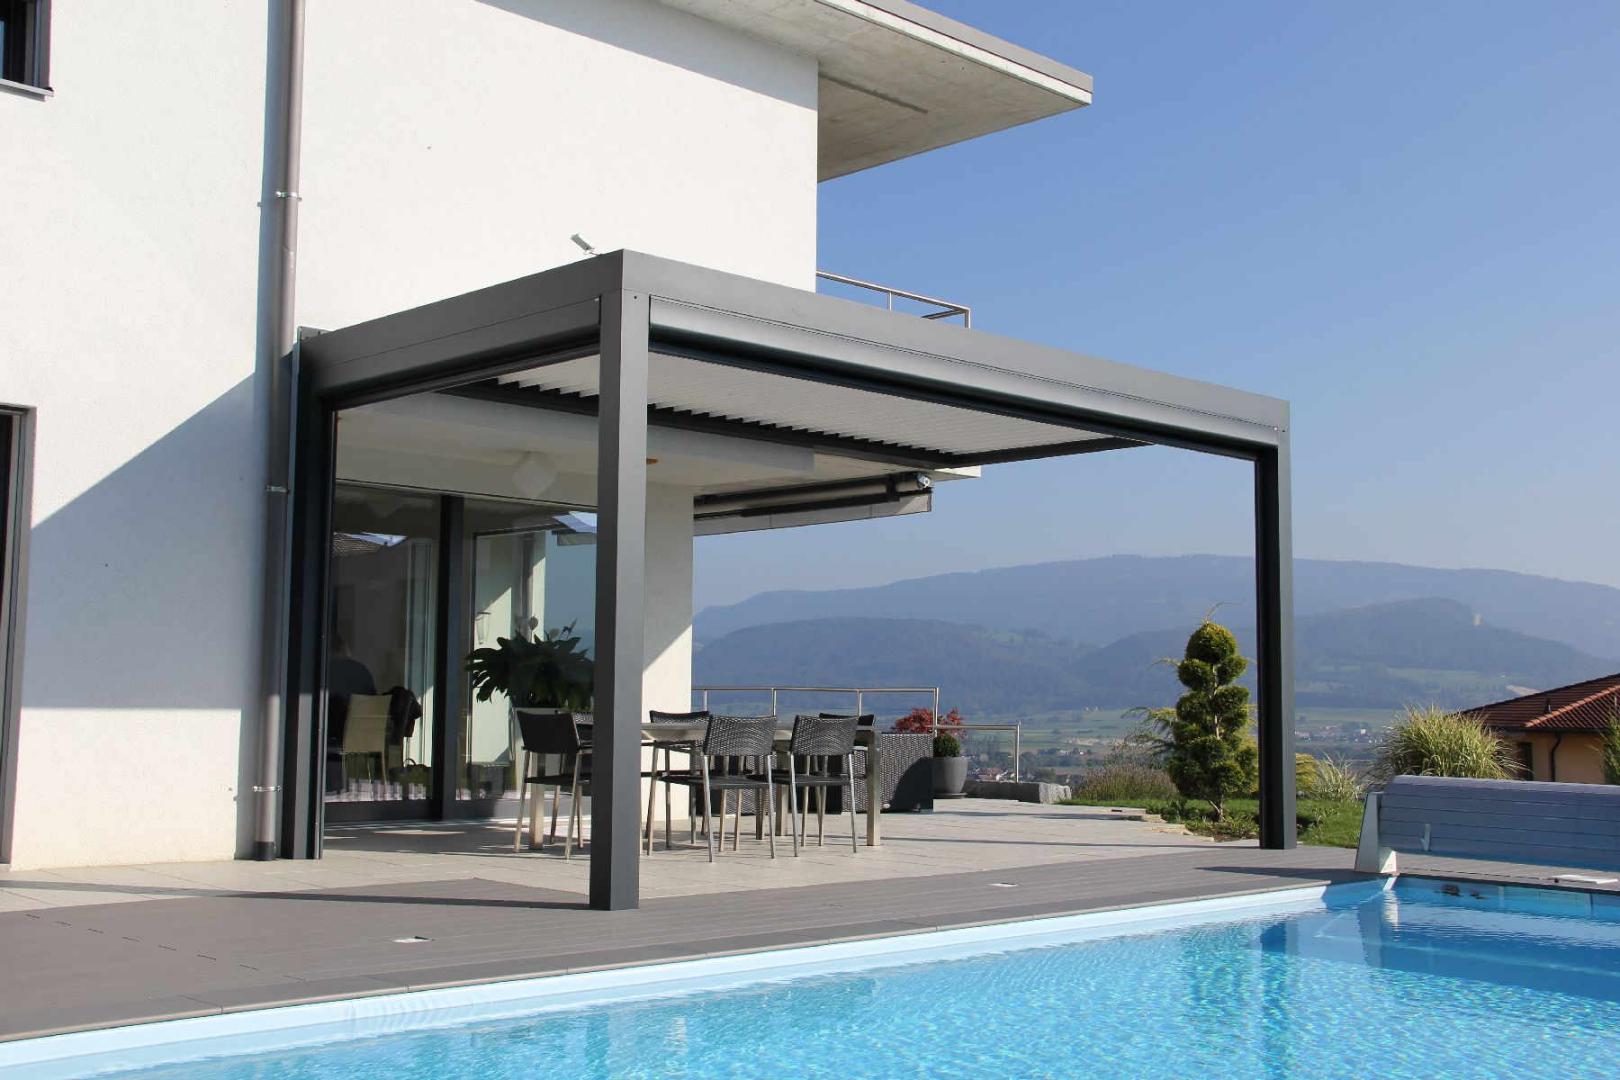 tarif pergola interesting pergola juzina x with tarif pergola gallery of pergola with tarif. Black Bedroom Furniture Sets. Home Design Ideas